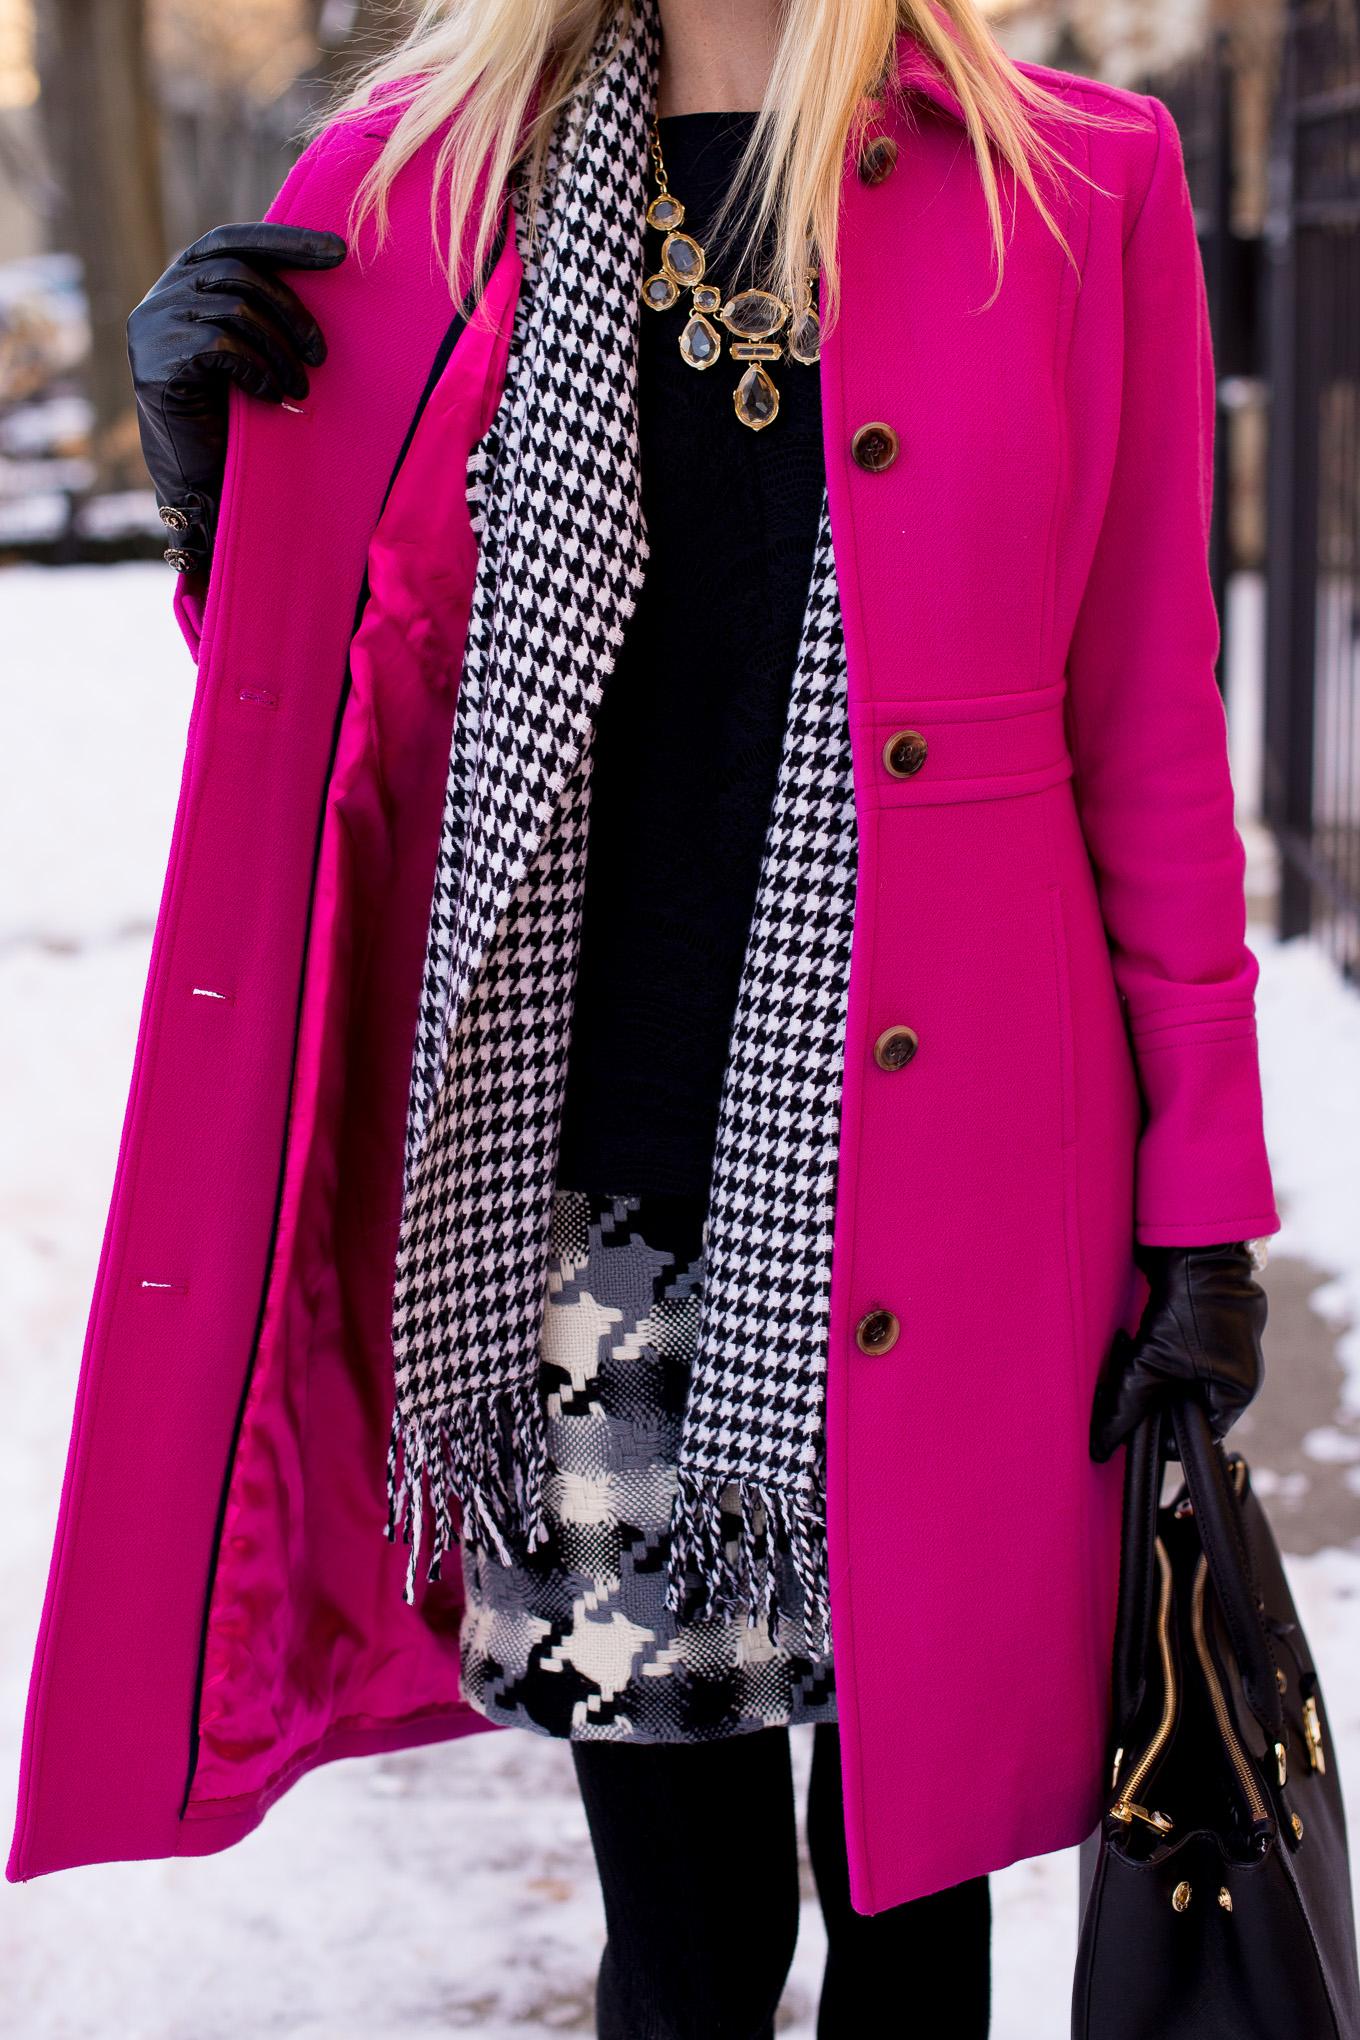 J.Crew Pink Wool Coat-29